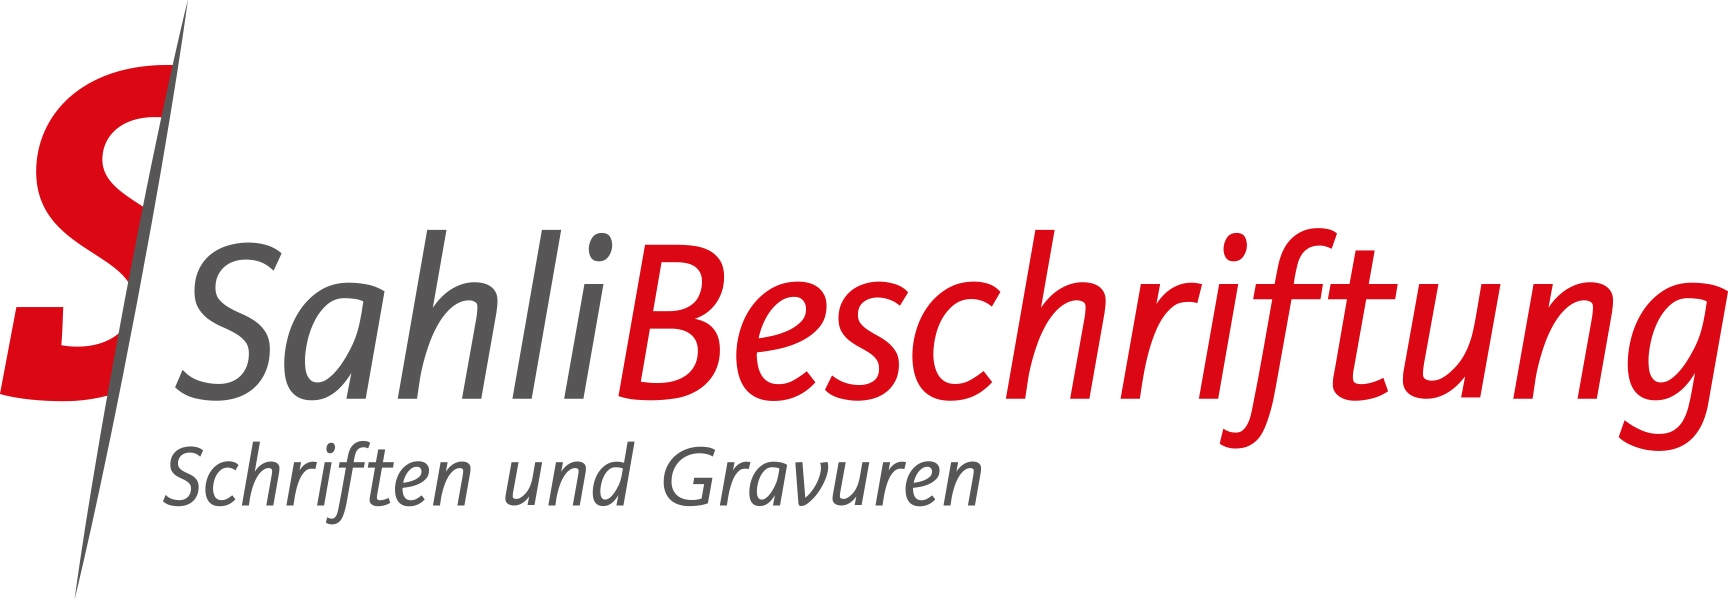 Sahli Beschriftung Logo